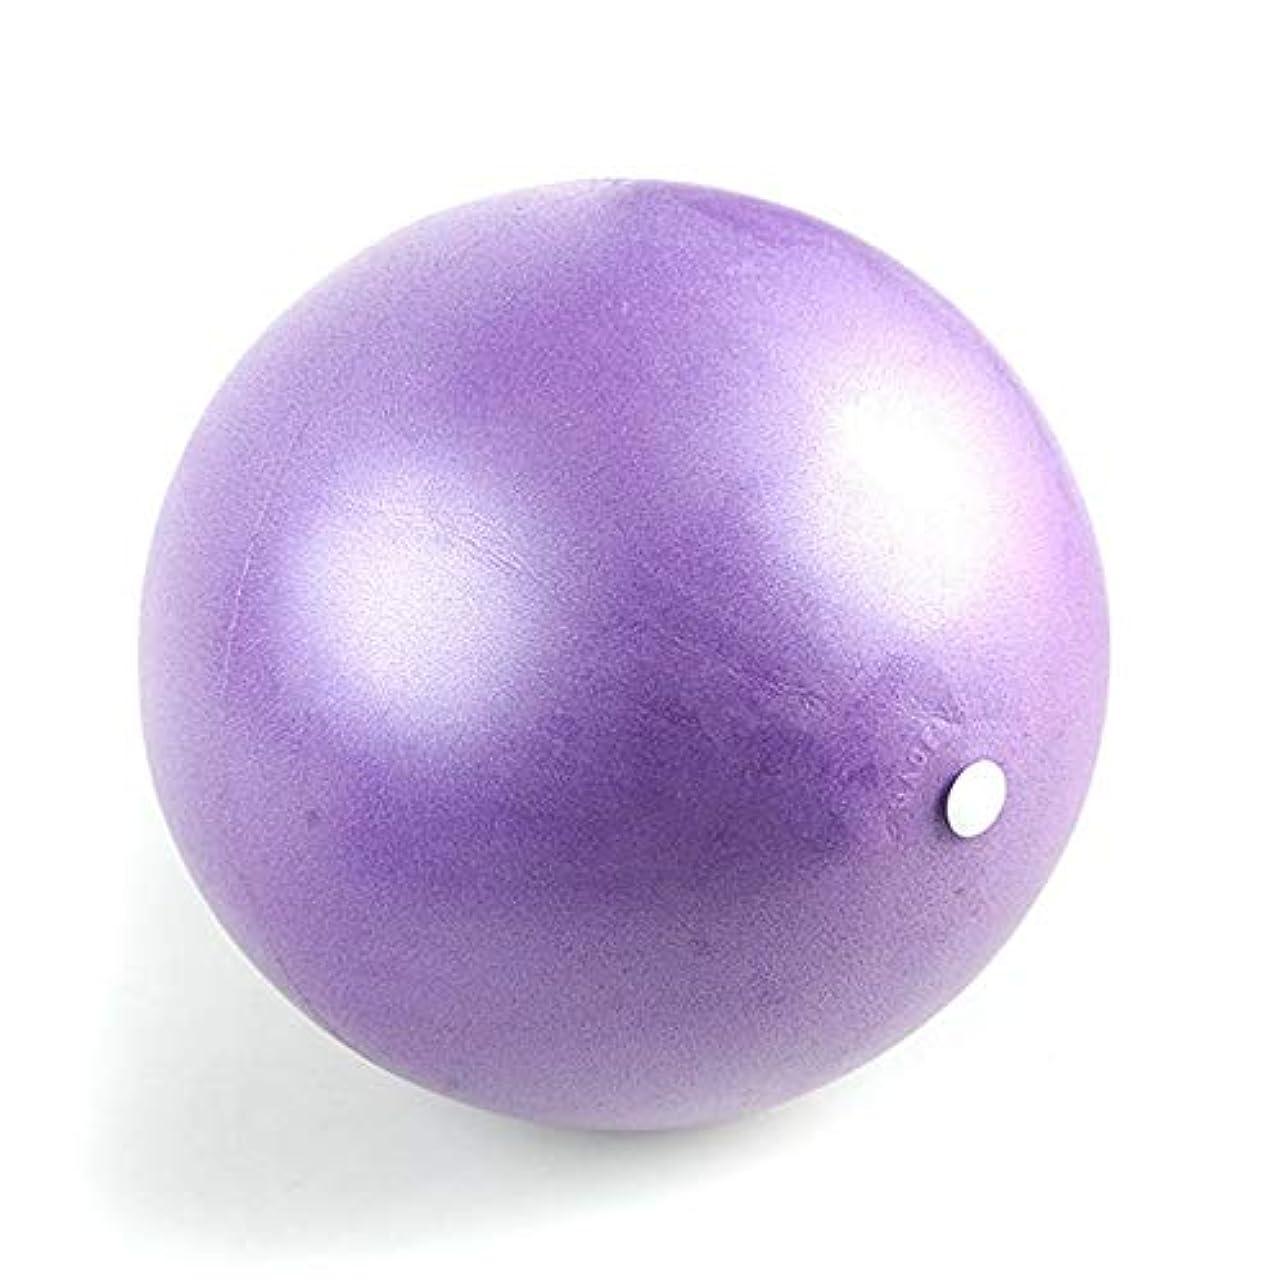 なめらか合図蒸留するミニ25センチメートル/ 15センチフィットネス小麦チューブバランス肥厚マットピラティスヨガボール滑り止め摩耗防爆(Color:purple)